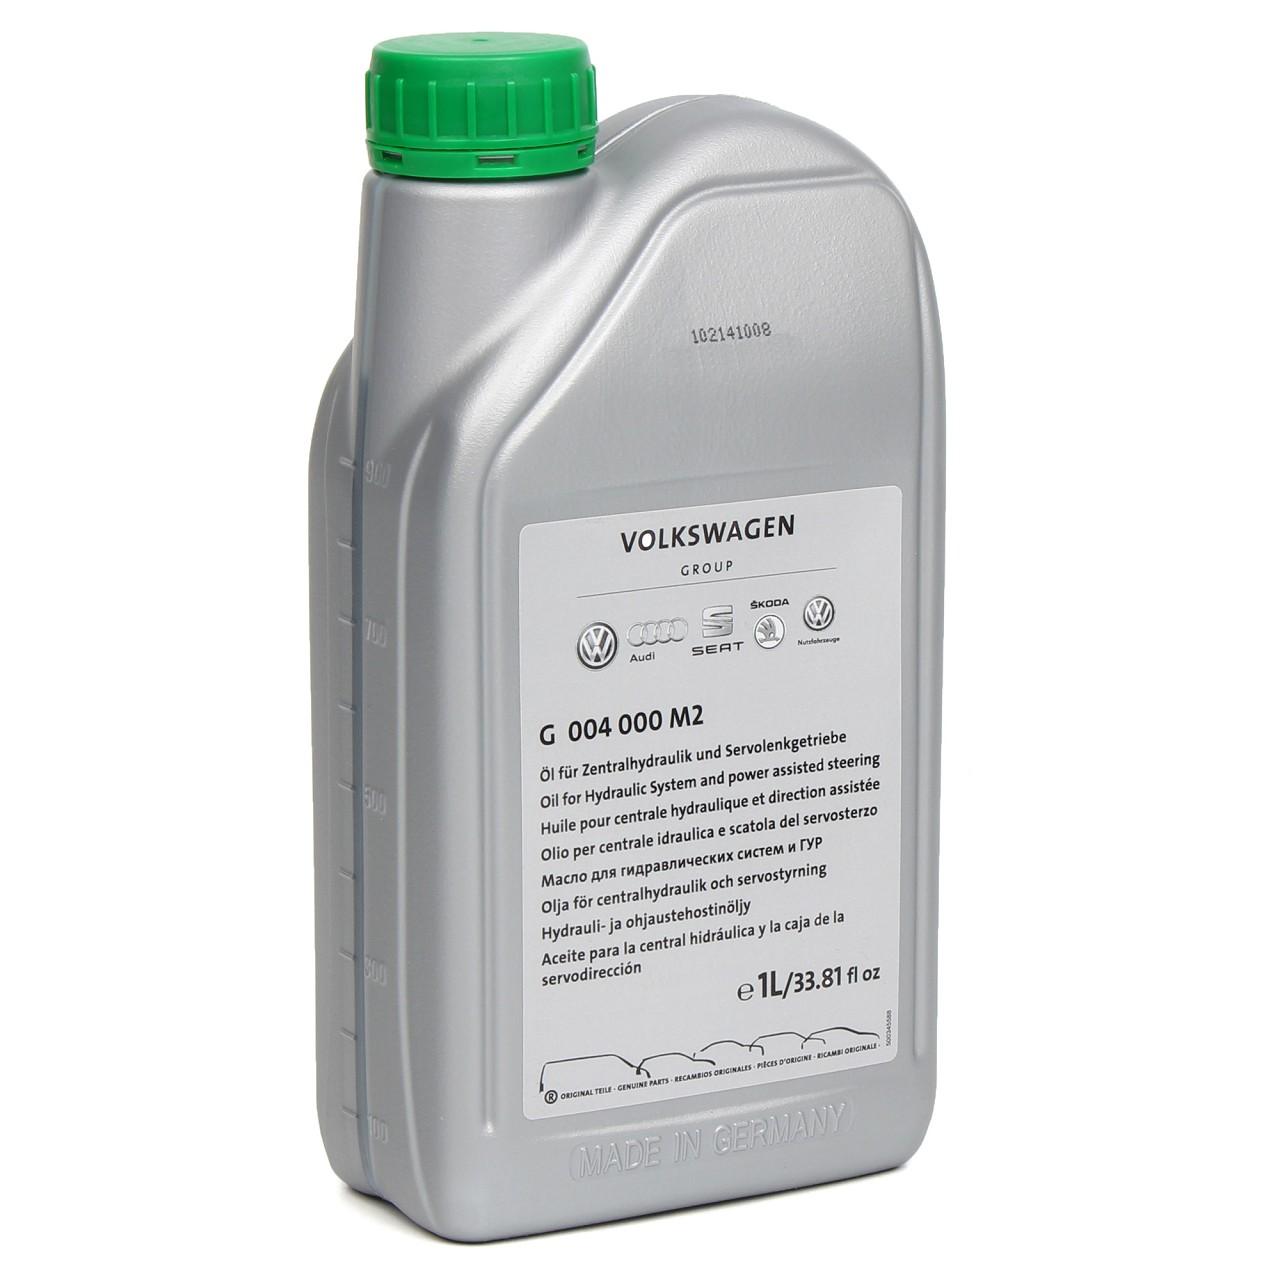 1L ORIGINAL VW AUDI Hydrauliköl Servoöl Öl Lenkflüssigkeit G004000M2 - 1 Liter